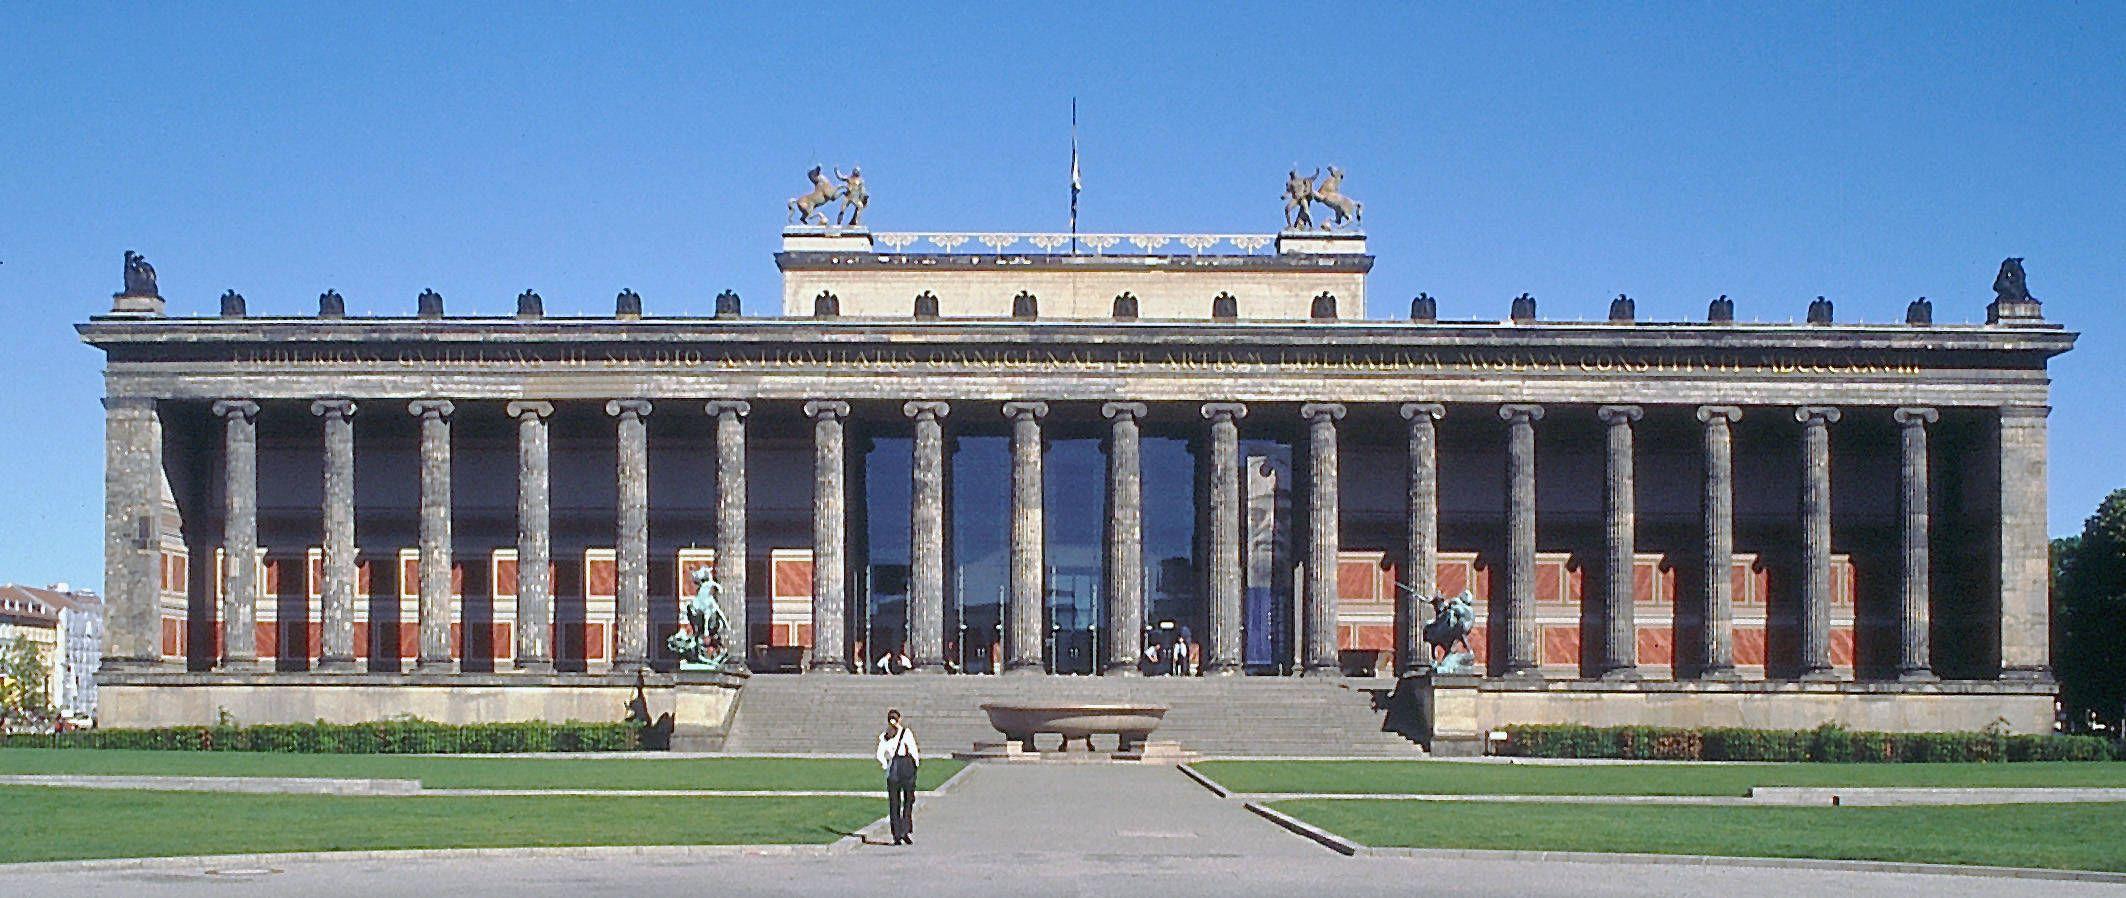 Karl friedrich schinkel altes museum berlin 1824 28 for Architecture berlin